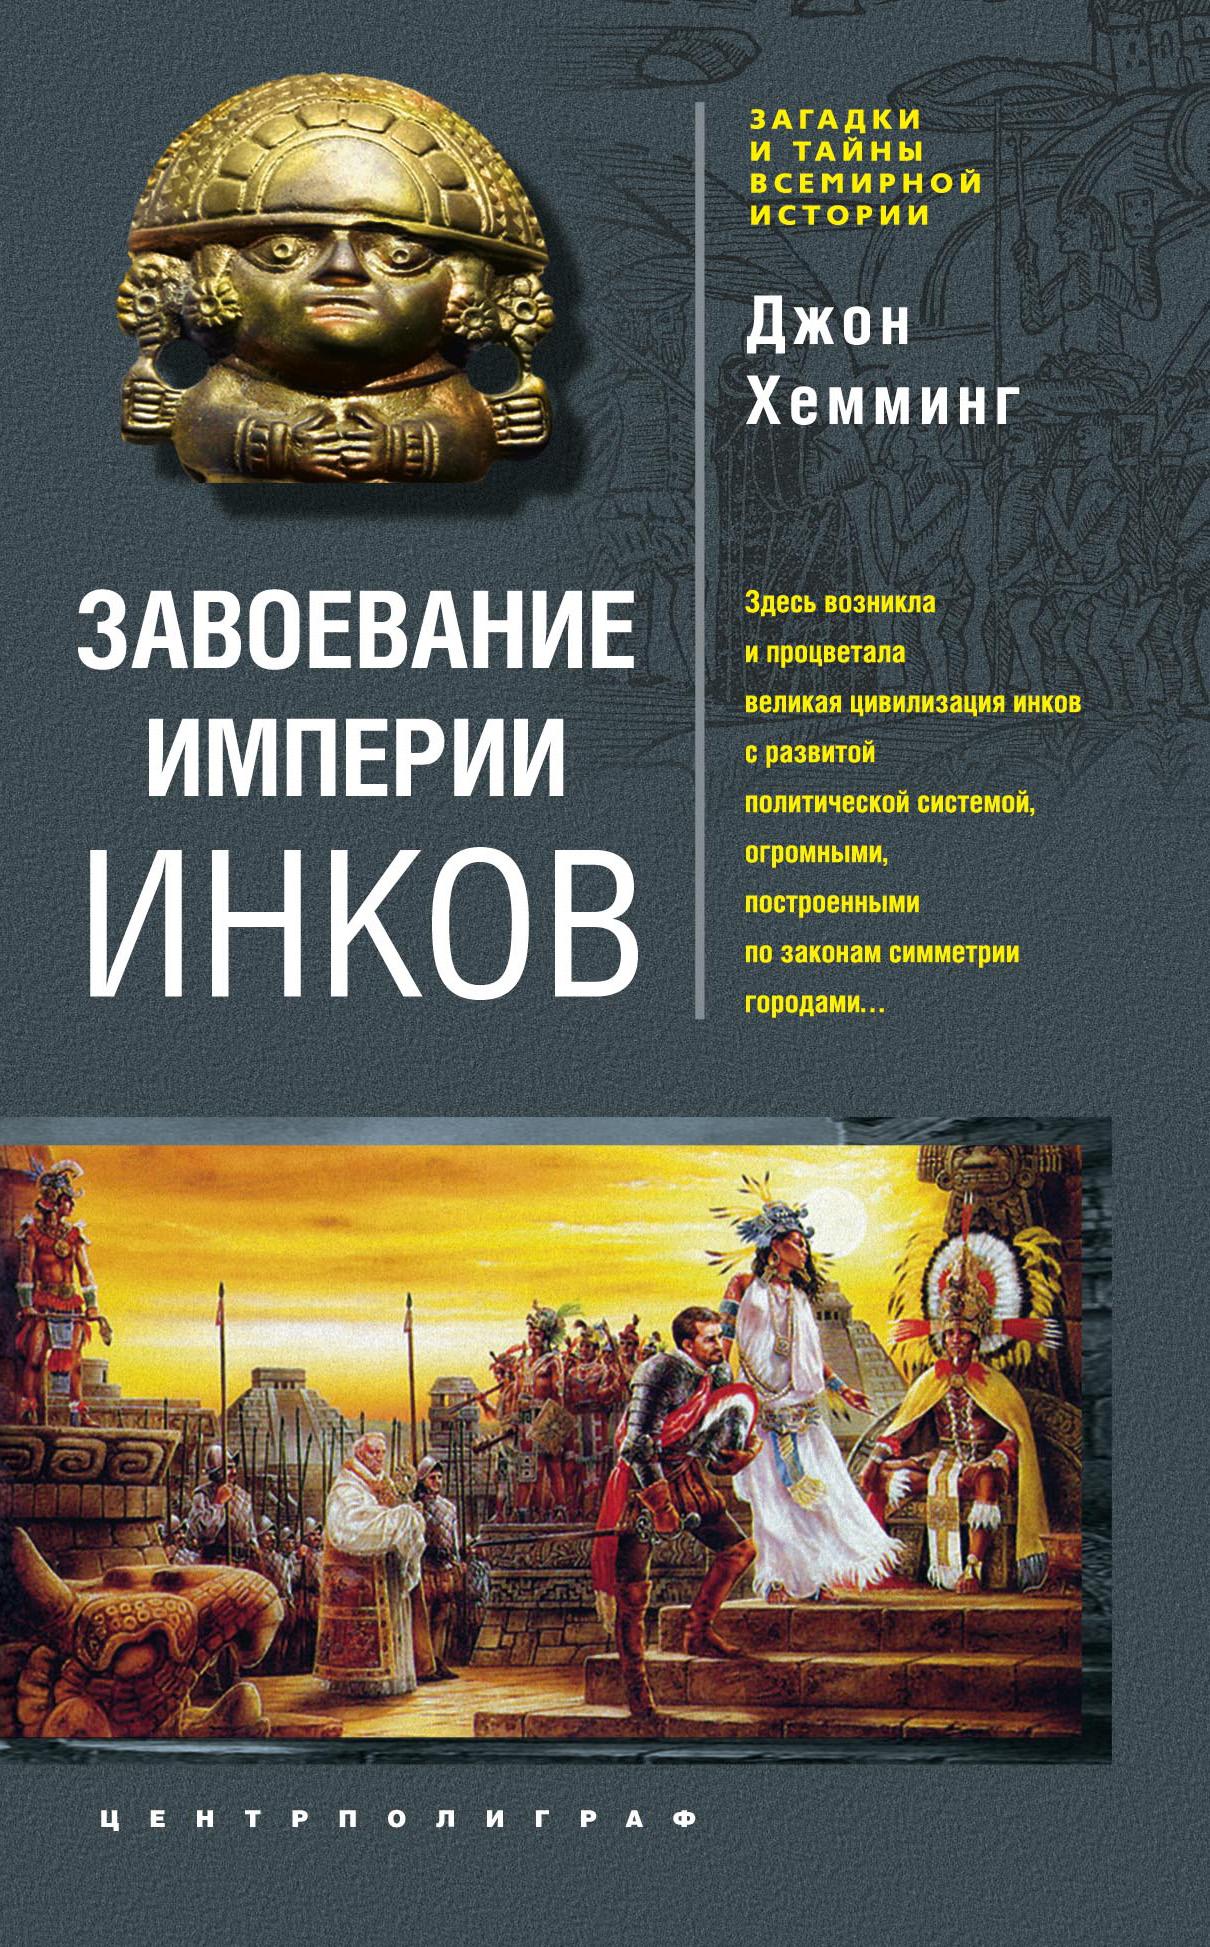 Джон Хемминг Завоевание империи инков. Проклятие исчезнувшей цивилизации джонатан харрис 0 византия история исчезнувшей империи